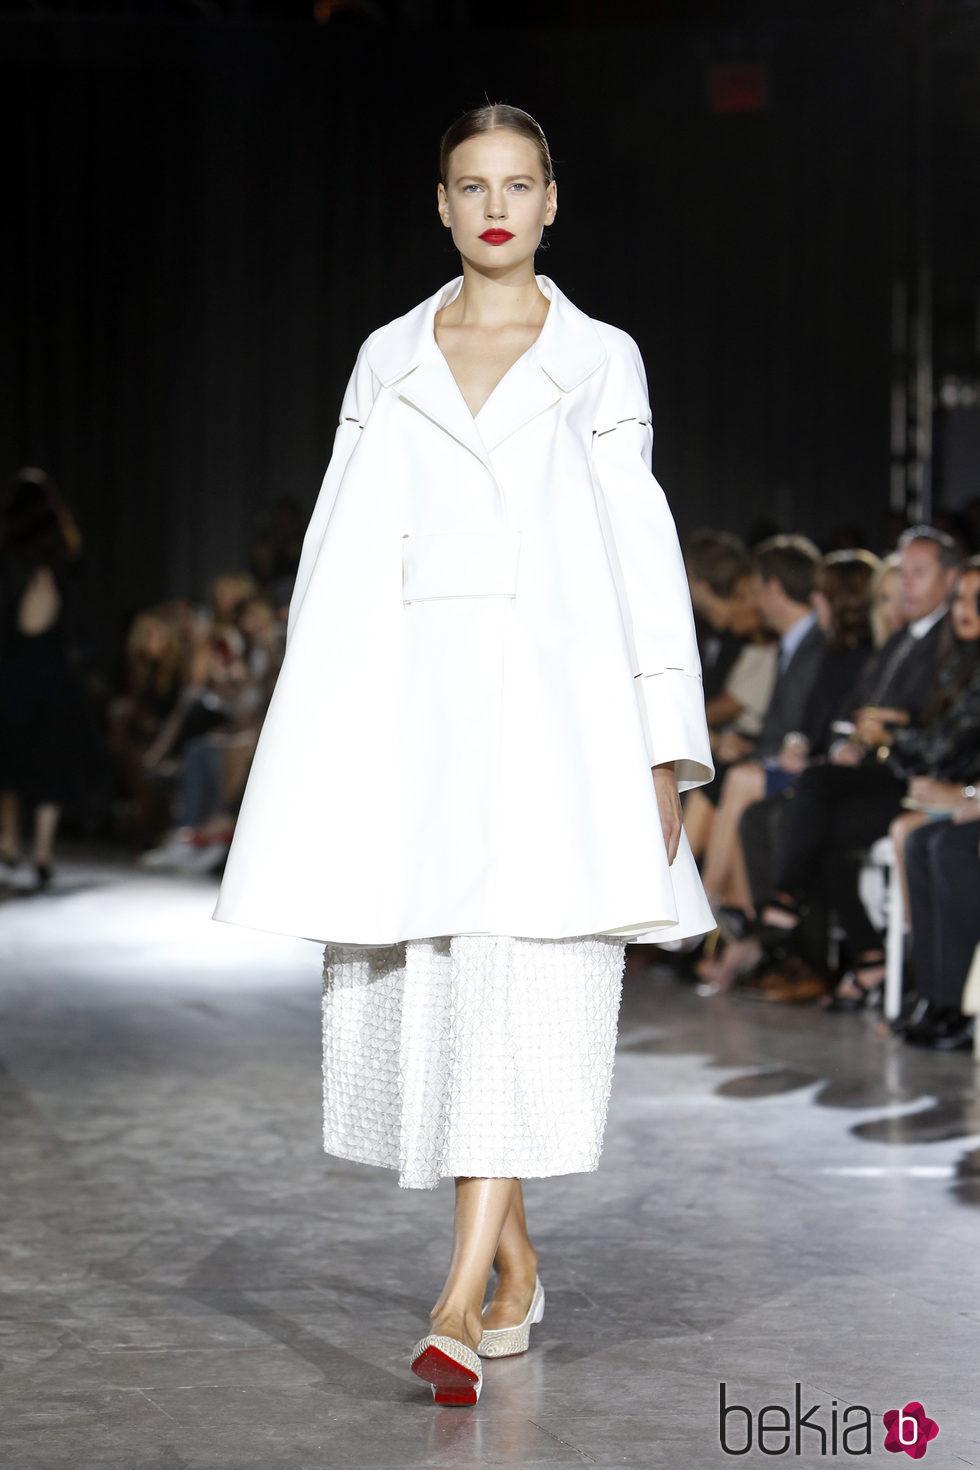 031787fdd9b Traje de capa y falda larga blanca de la colección de primavera verano 2016  del